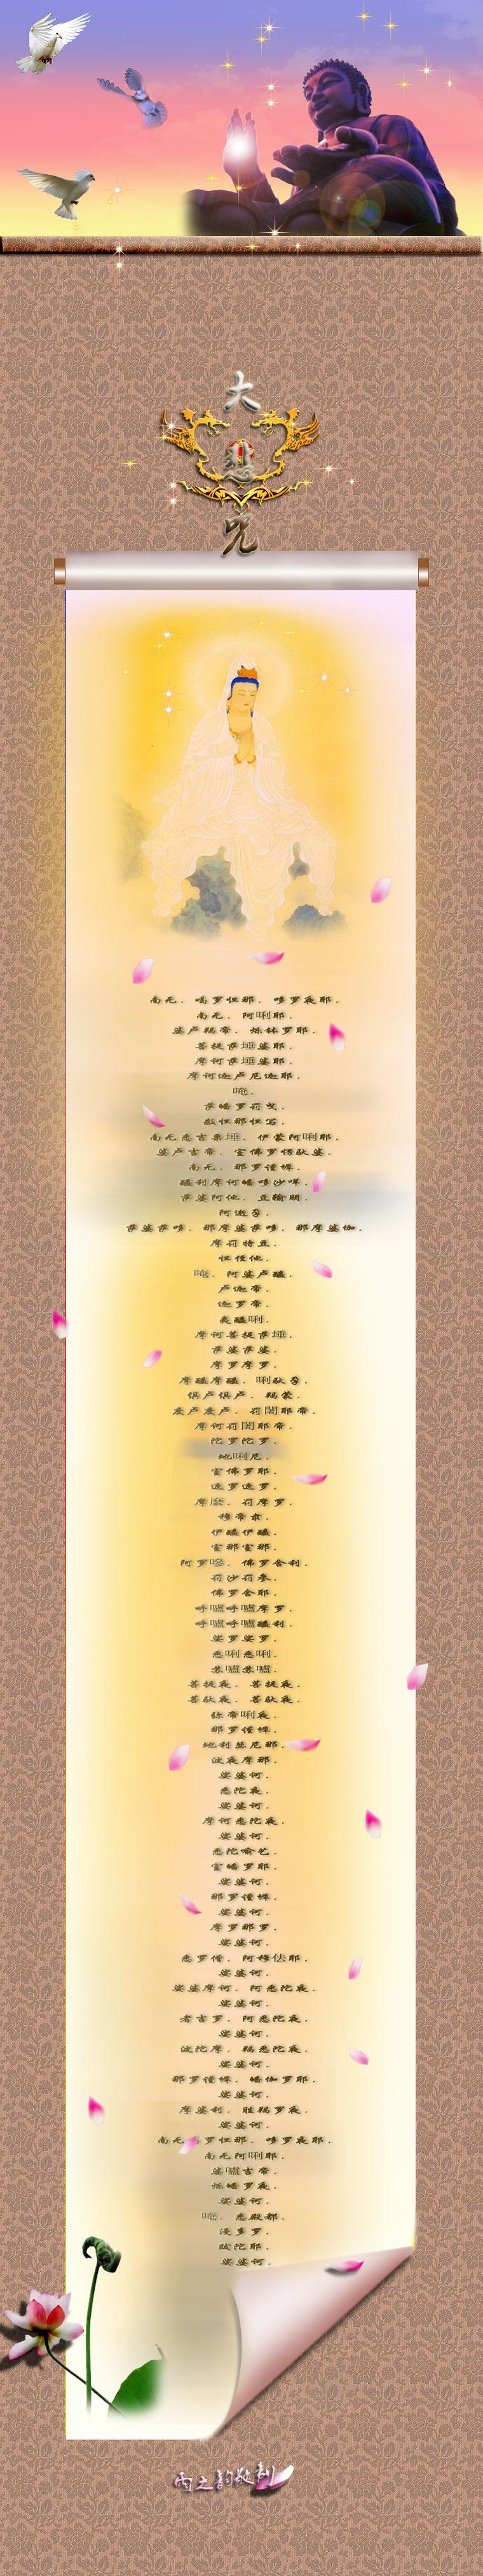 大悲咒 - 雨之韵 - *